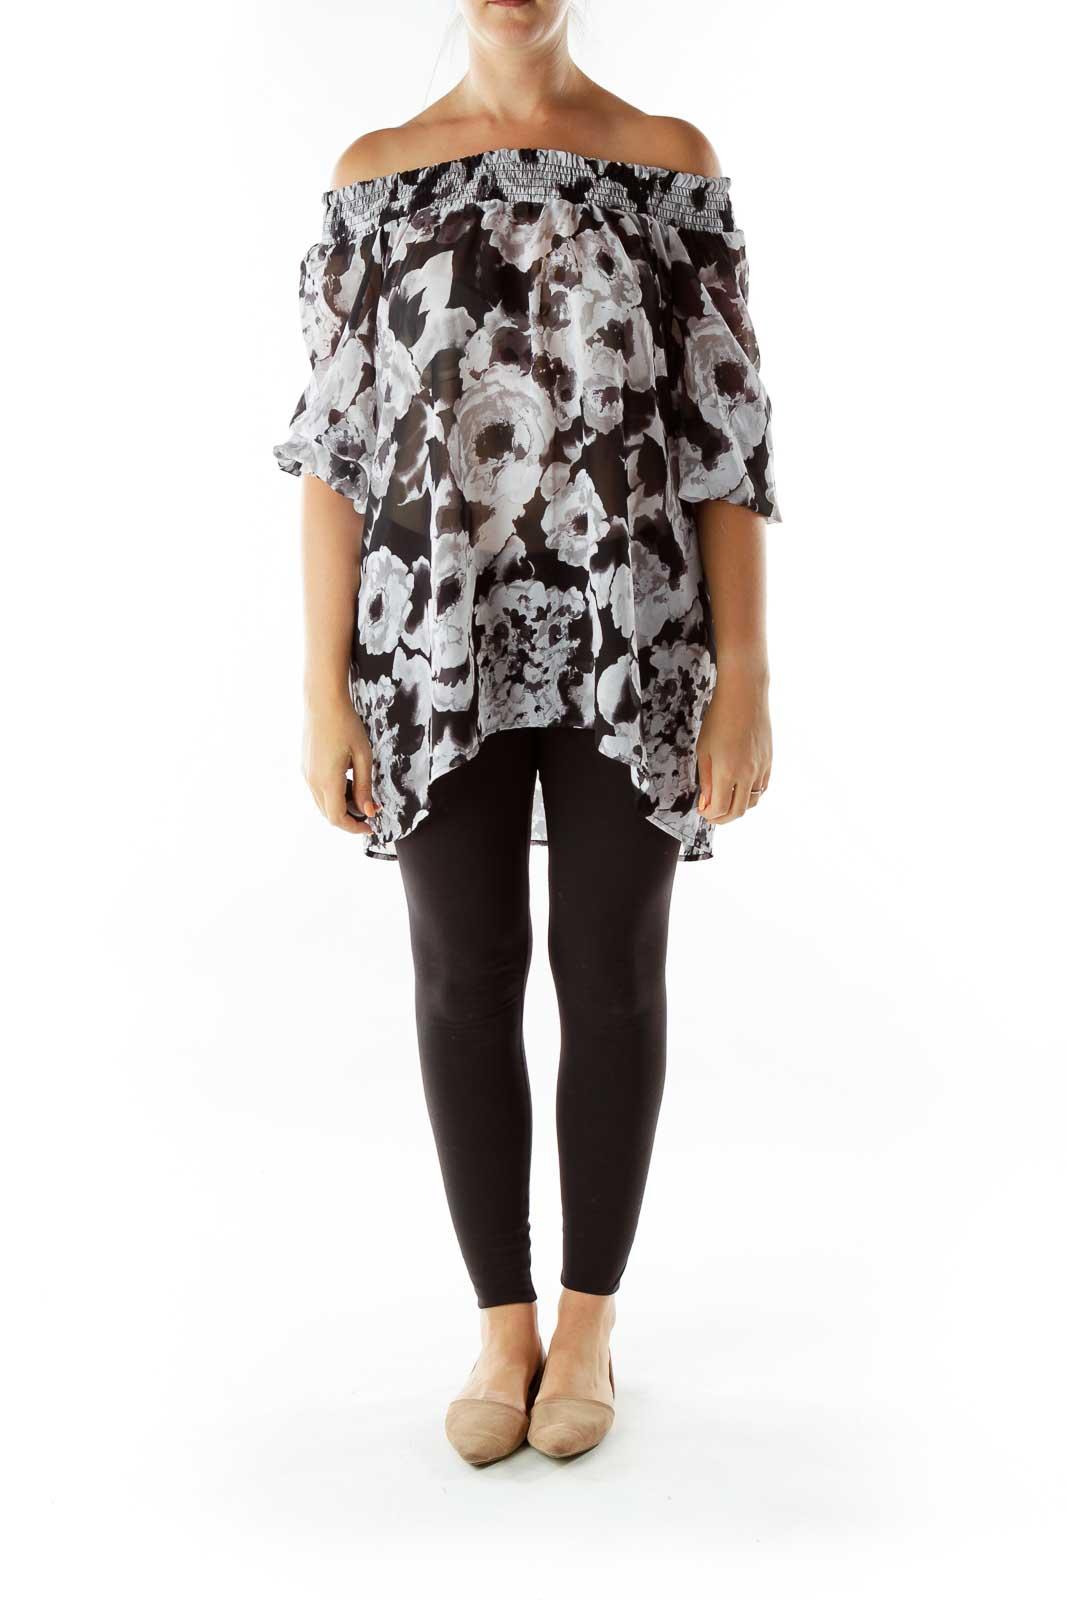 Black Gray Floral Off-Shoulder Top